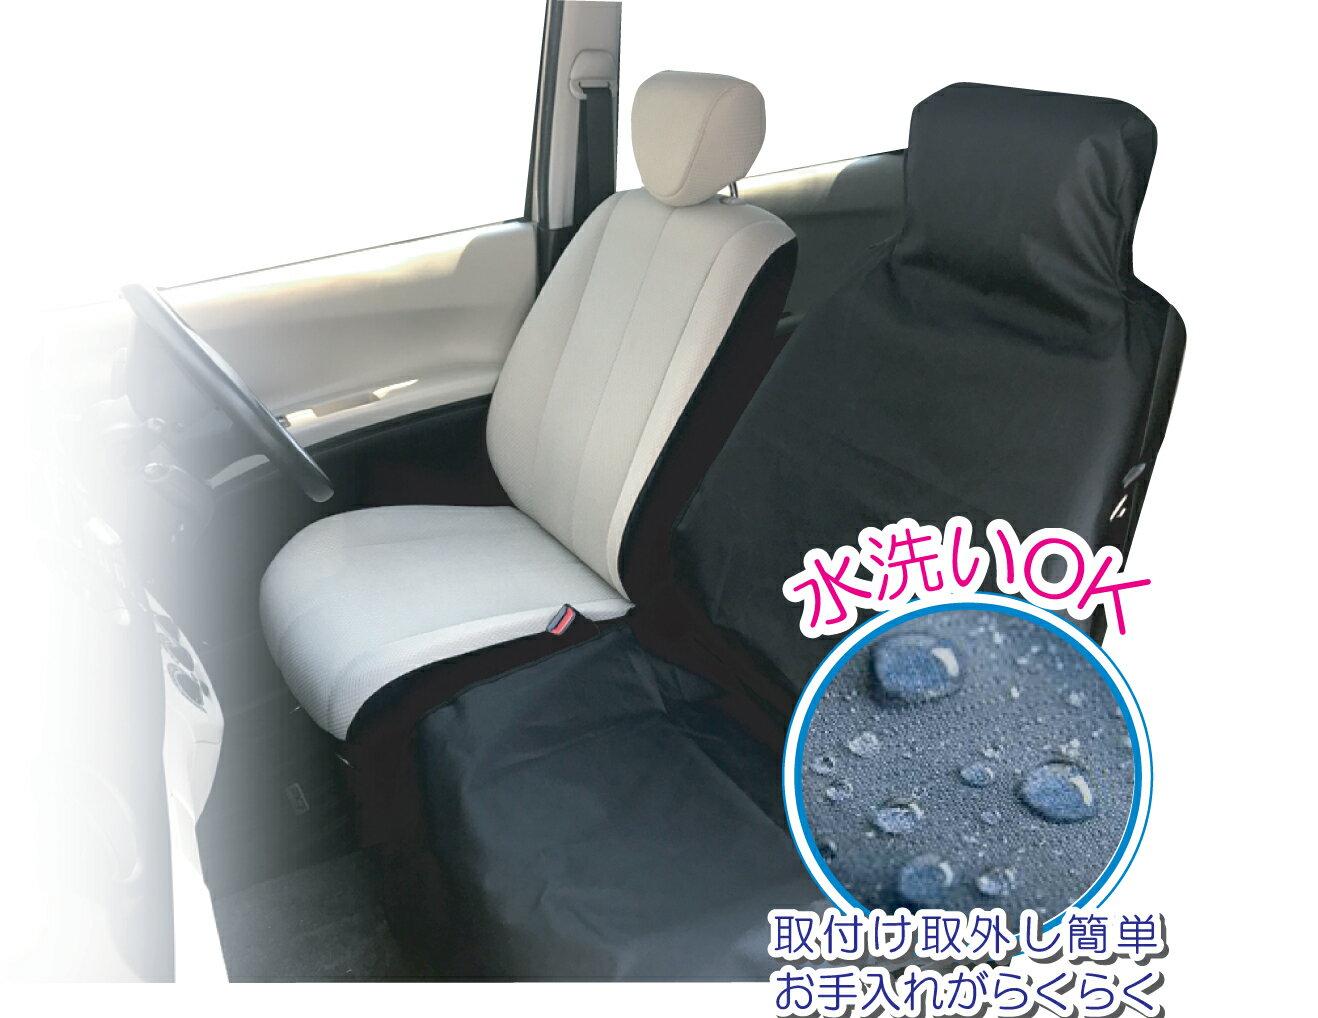 シートカバー 撥水加工 ブラック フリーサイズ 車座席 フロント用 1枚入り